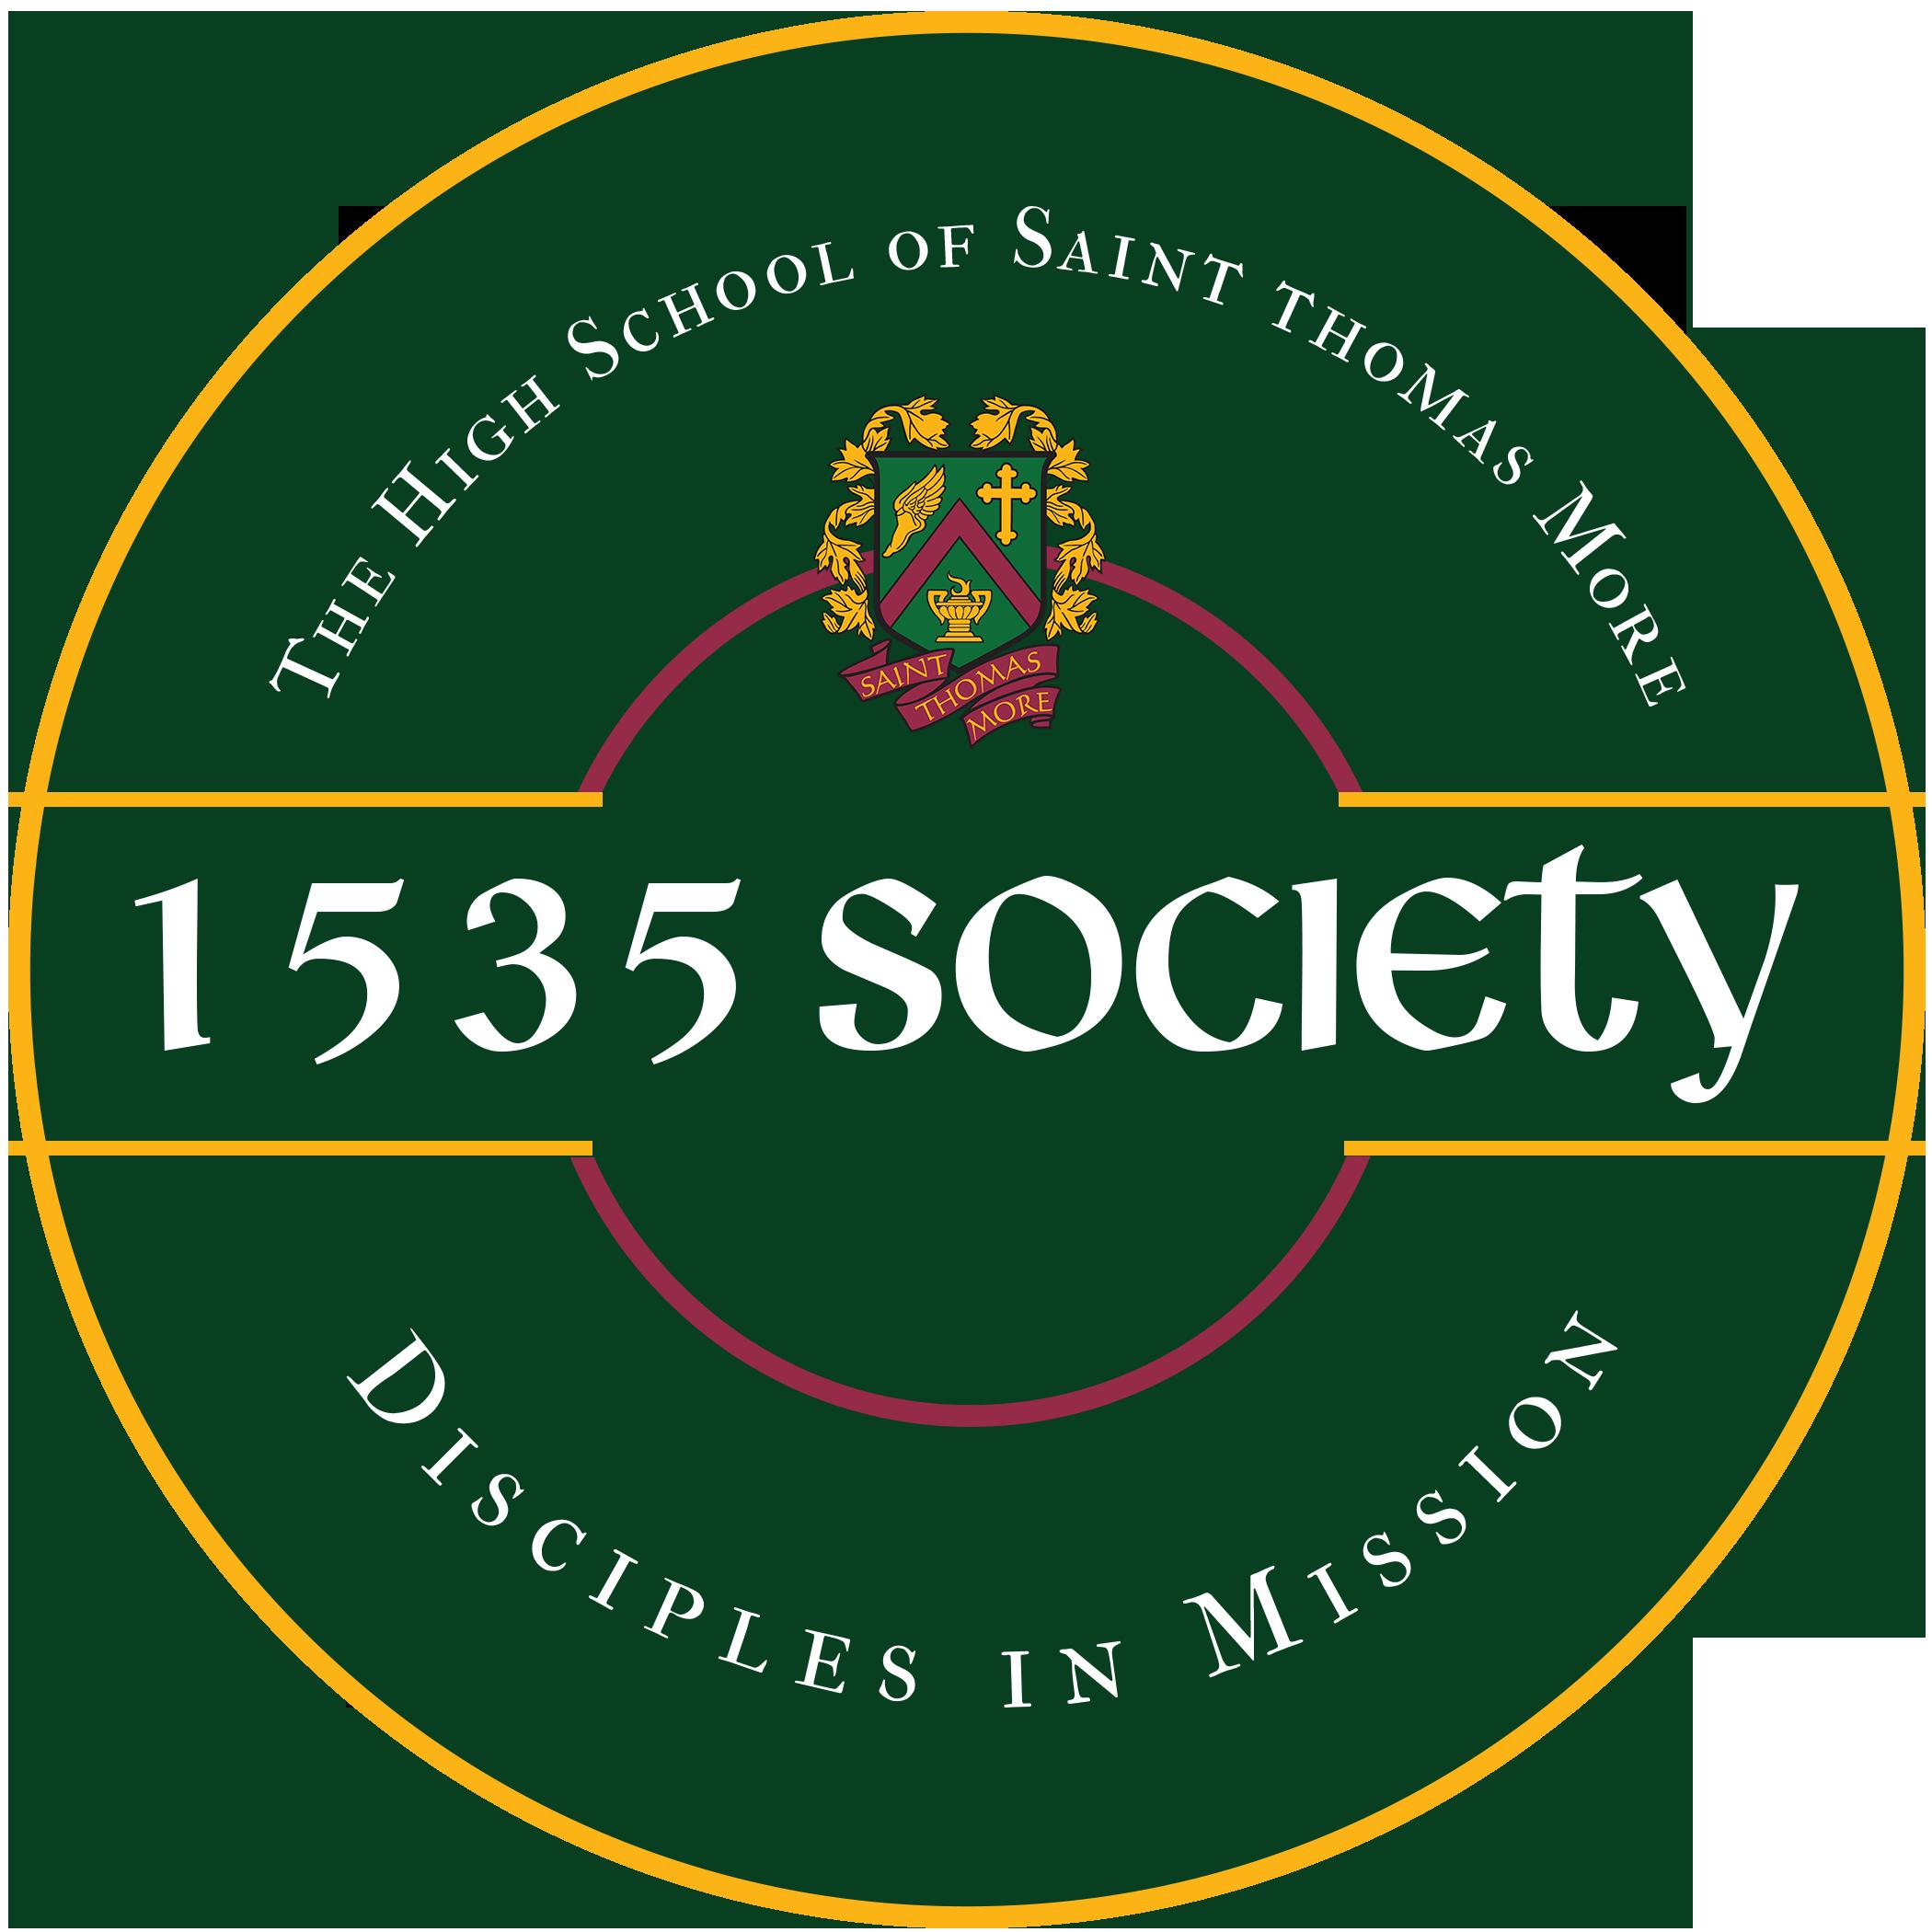 1535 Society